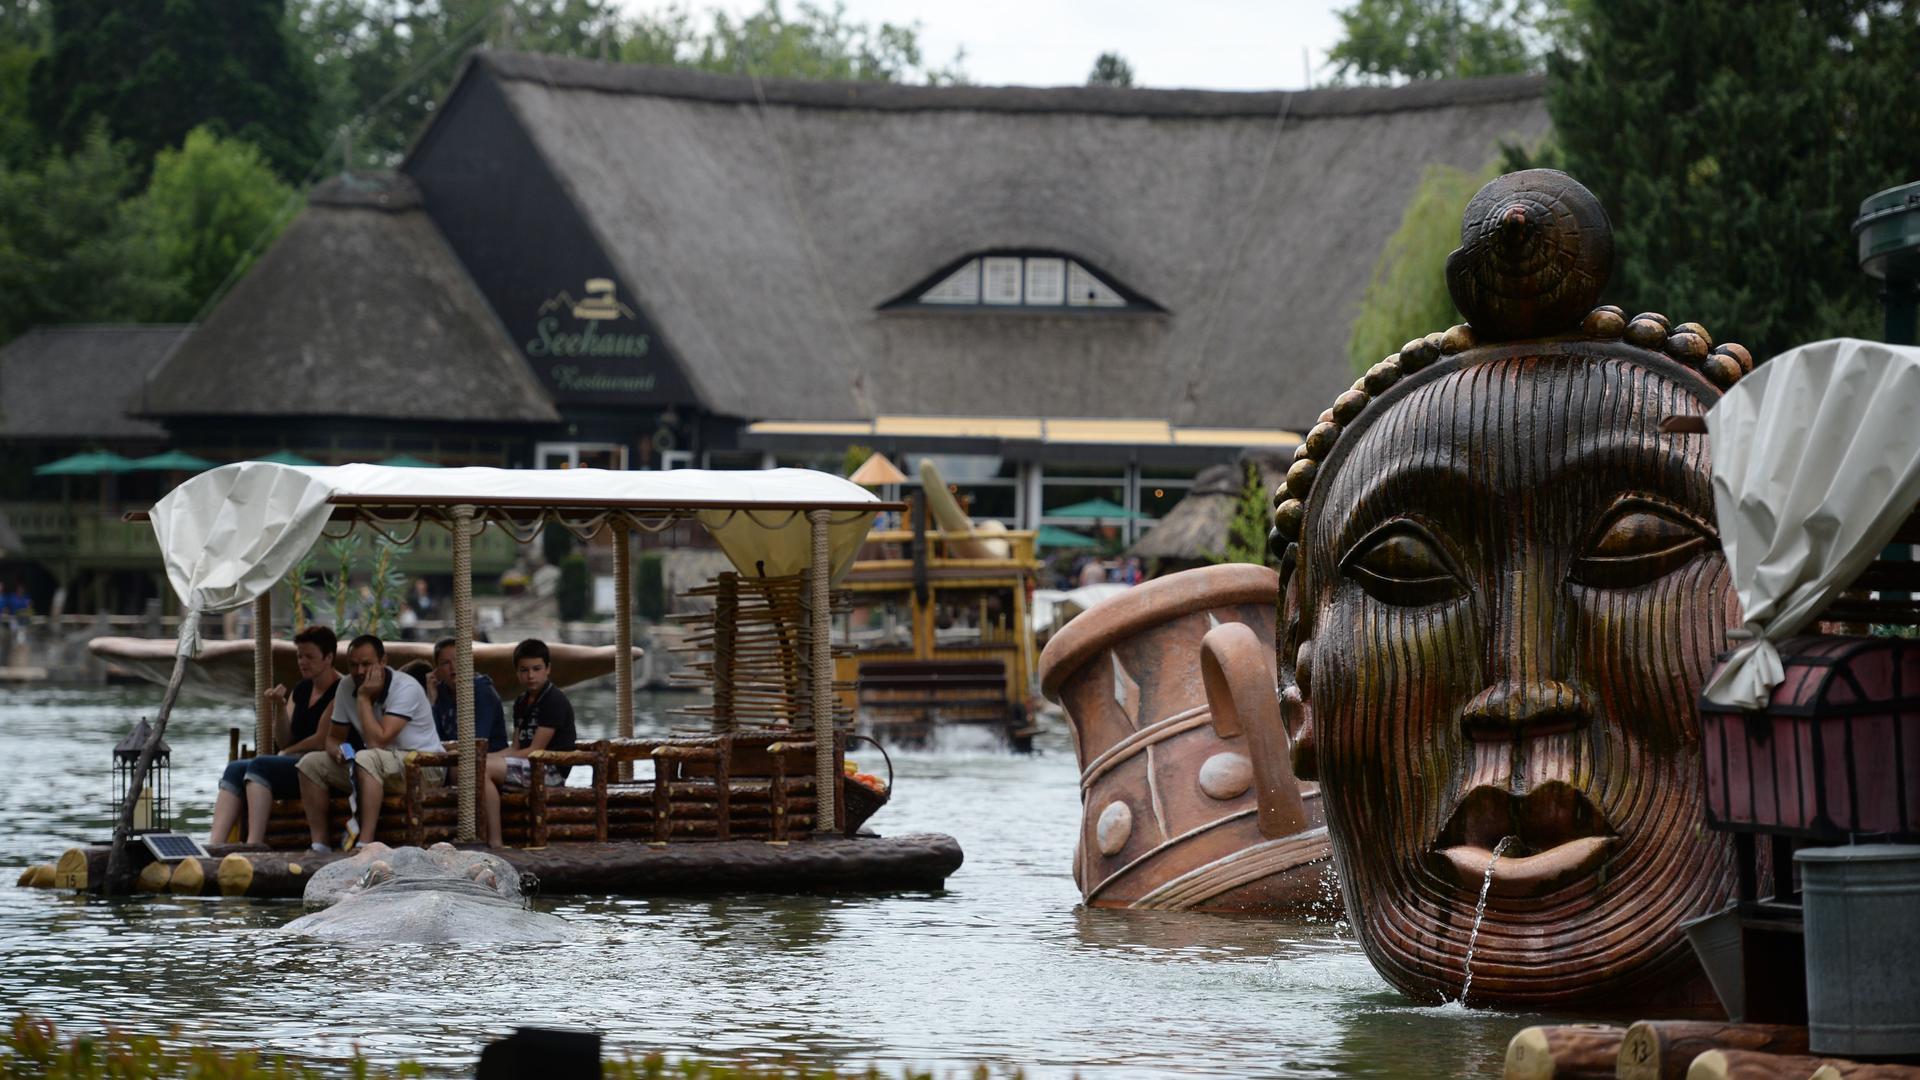 ARCHIV - Menschen fahren am 09.07.2015 im Europa-Park in Rust (Baden-Württemberg) mit einem Boot über einen See. Der Freizeitpark feiert 2015 das 40-jährige Bestehen. Foto: Patrick Seeger/dpa (zu lsw Meldung: «Besucherrekord: Europa-Park knackt erneut Fünf-Millionen-Marke» vom 02.11.2015) +++ dpa-Bildfunk +++